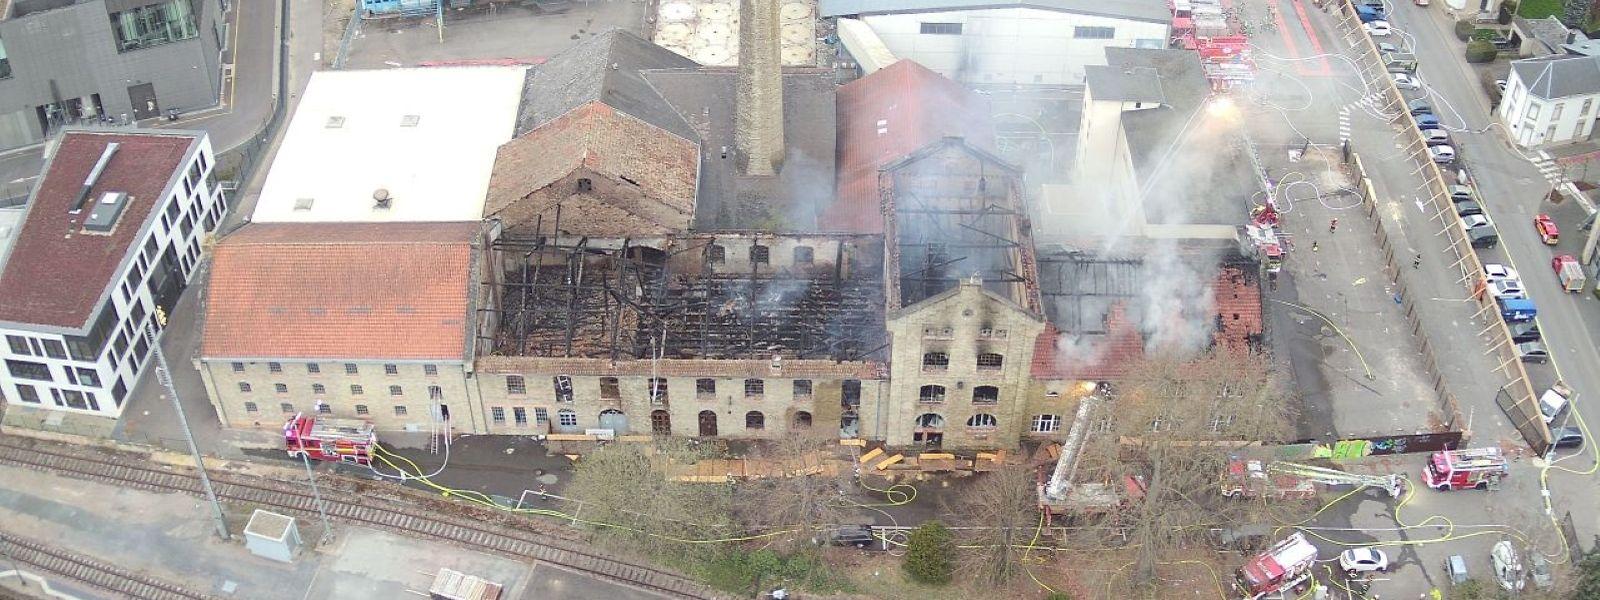 Die denkmalgeschützte alte Brauerei brannte vollständig aus.